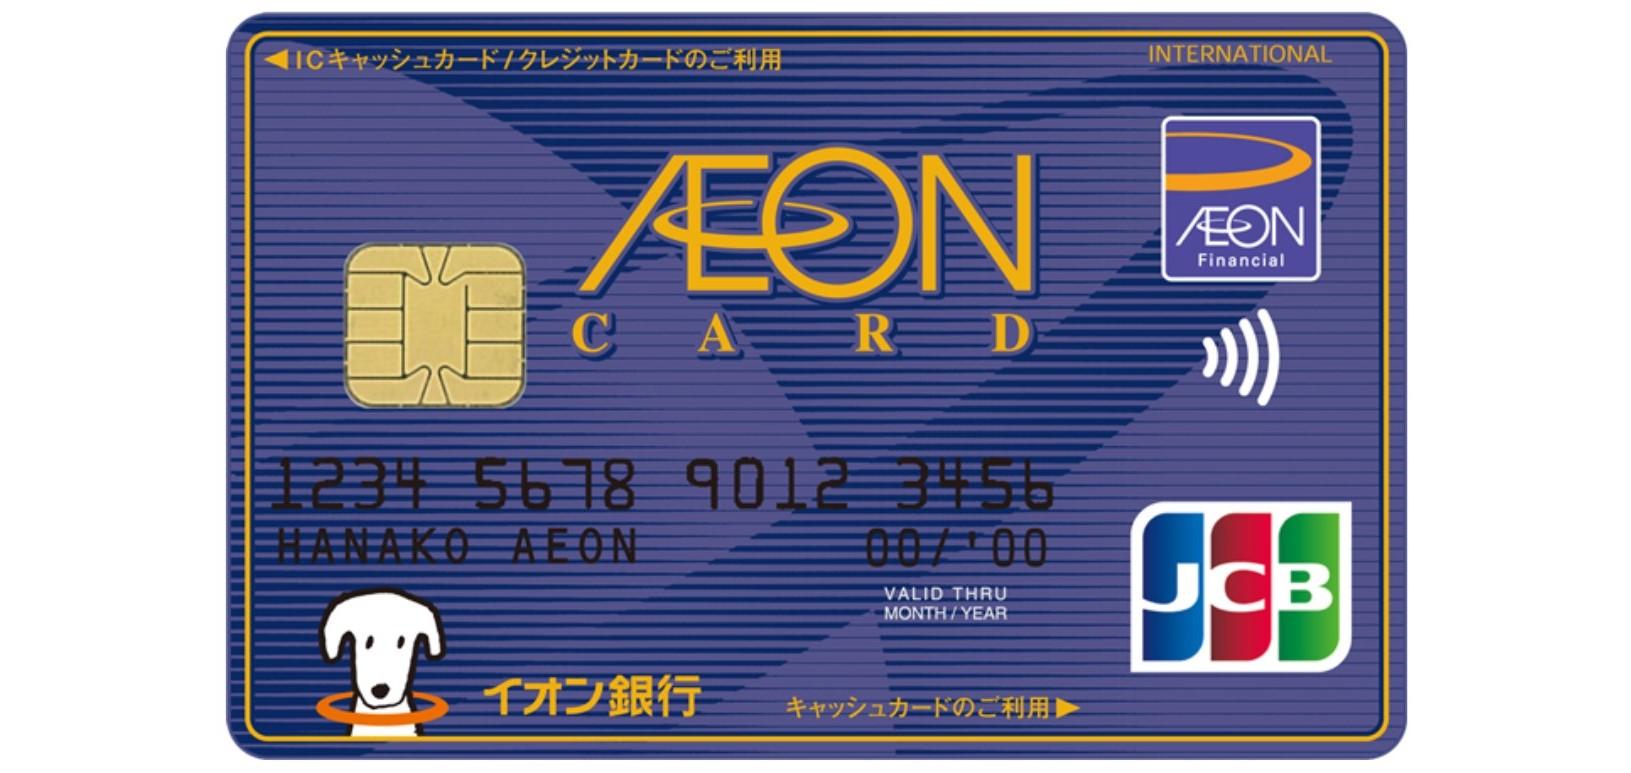 イオンカードの通常デザイン